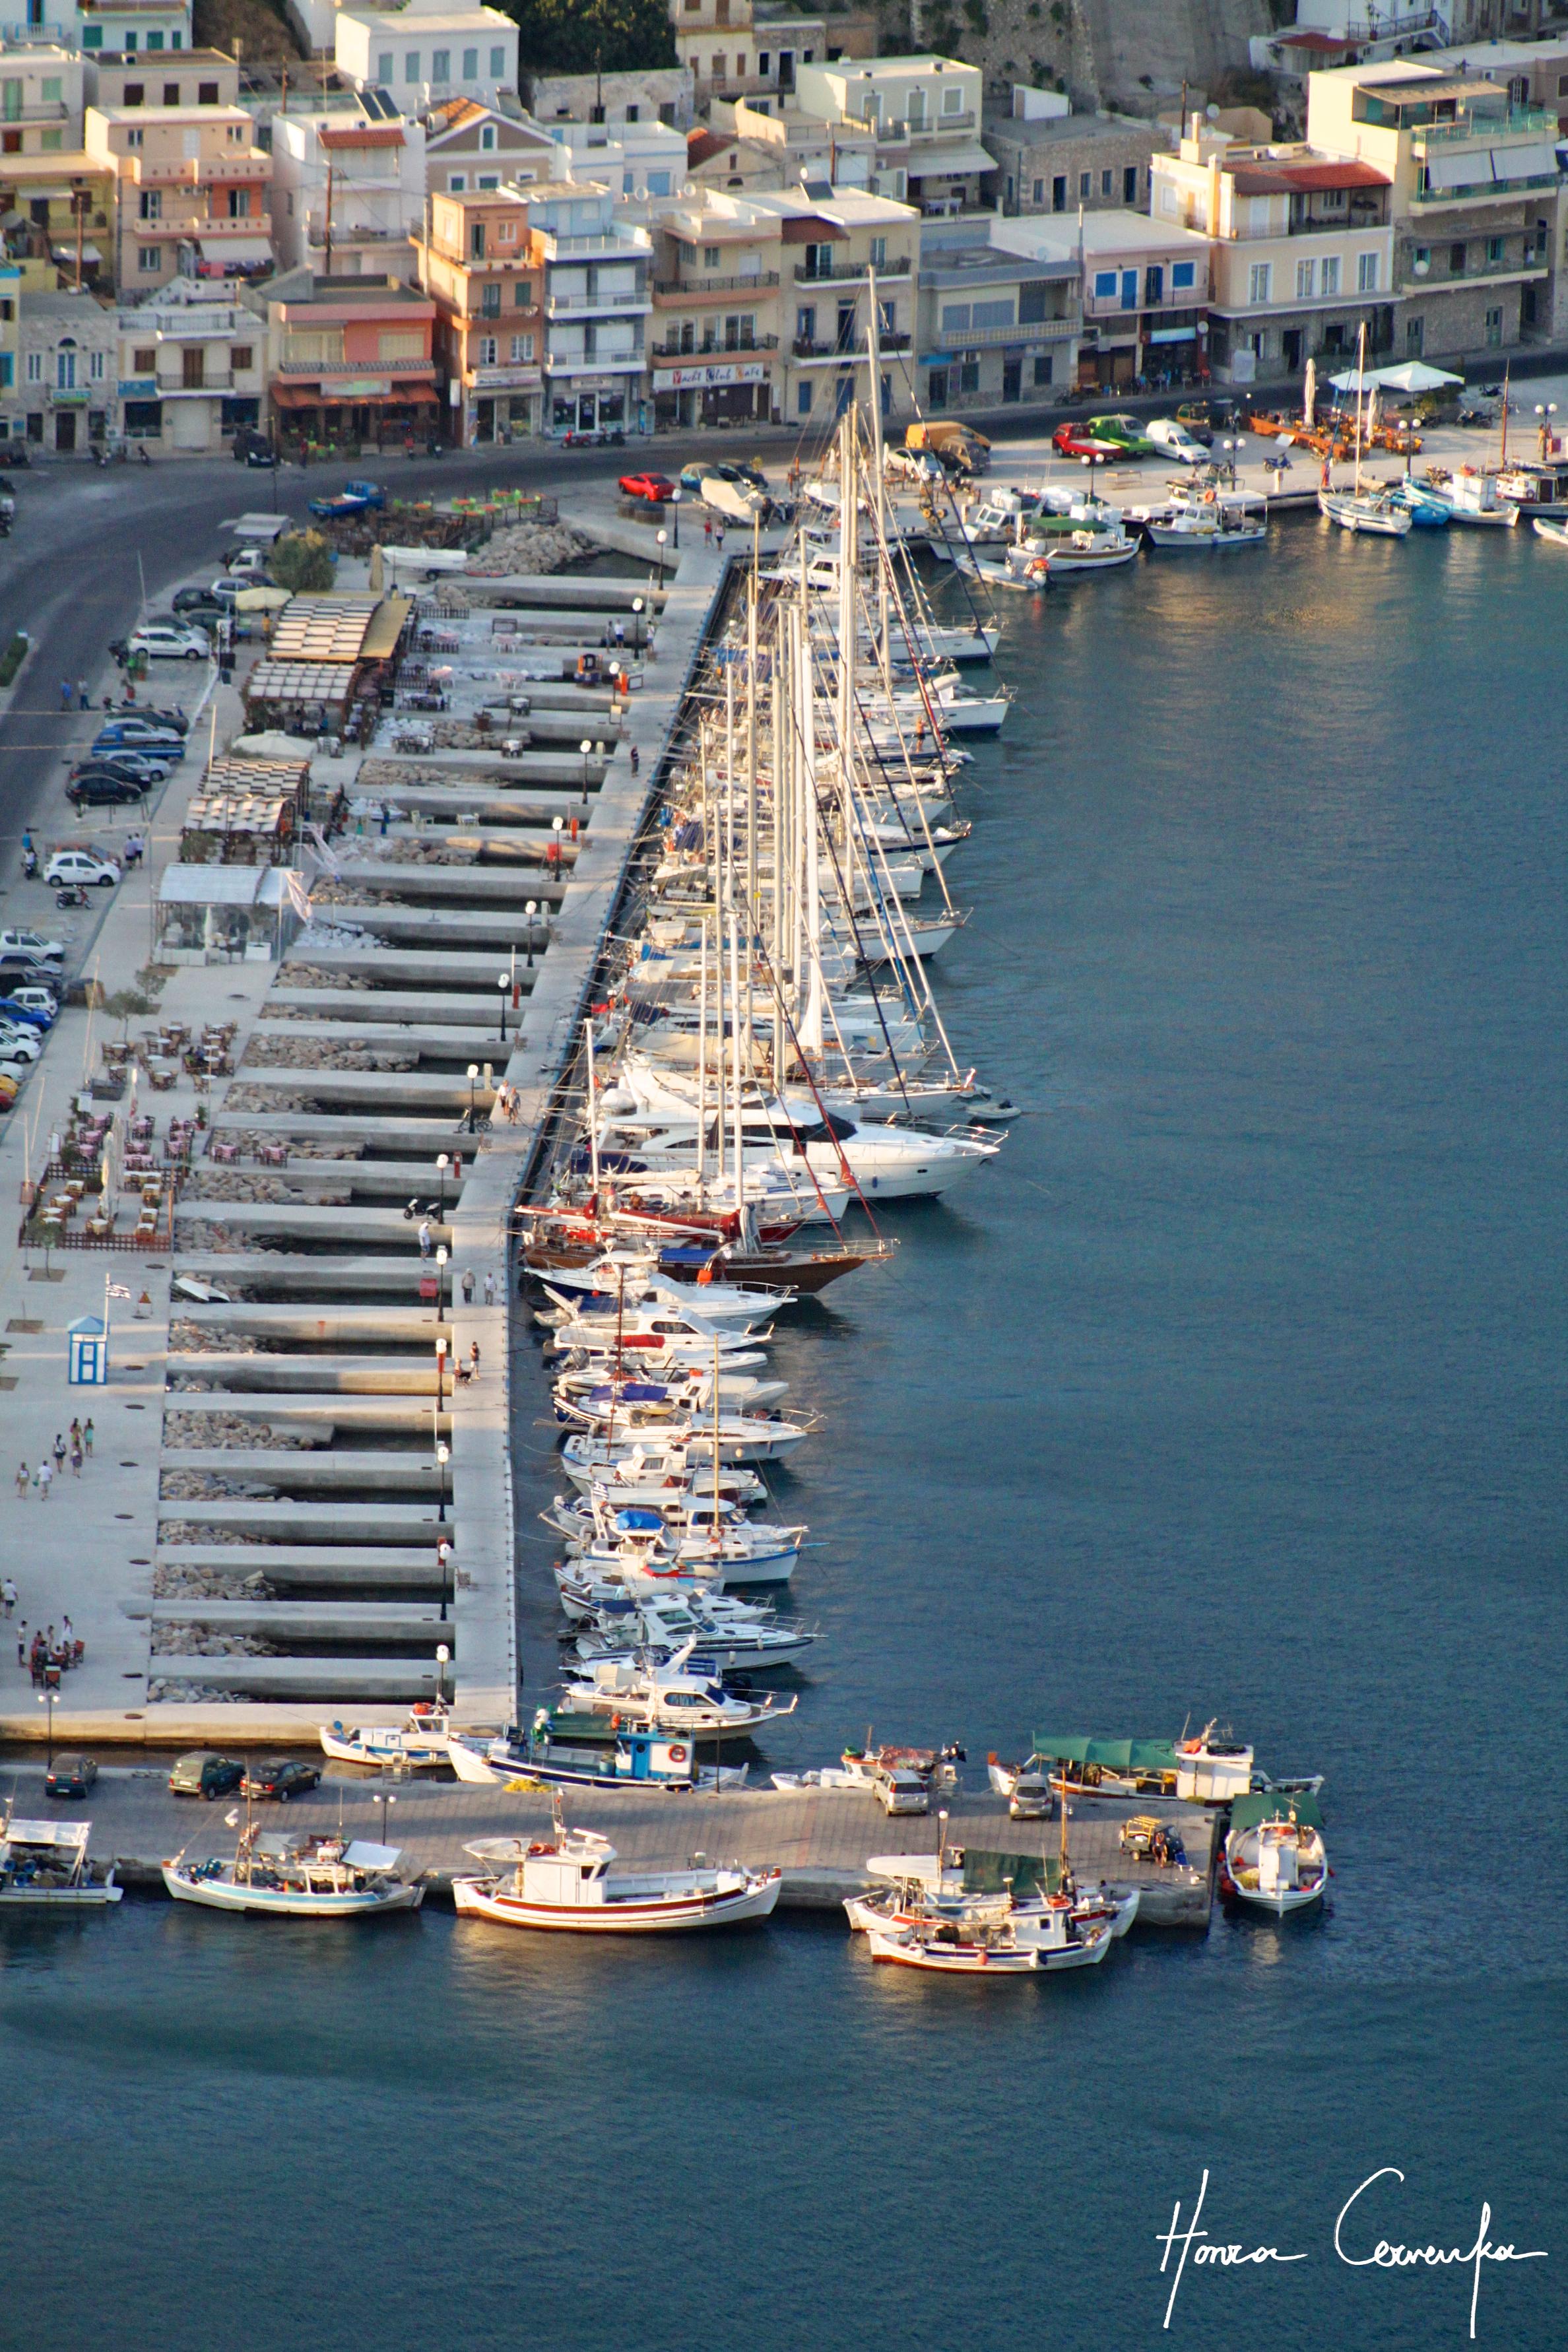 Greece-Kalimnos-Harbour-Honza-Cervenka